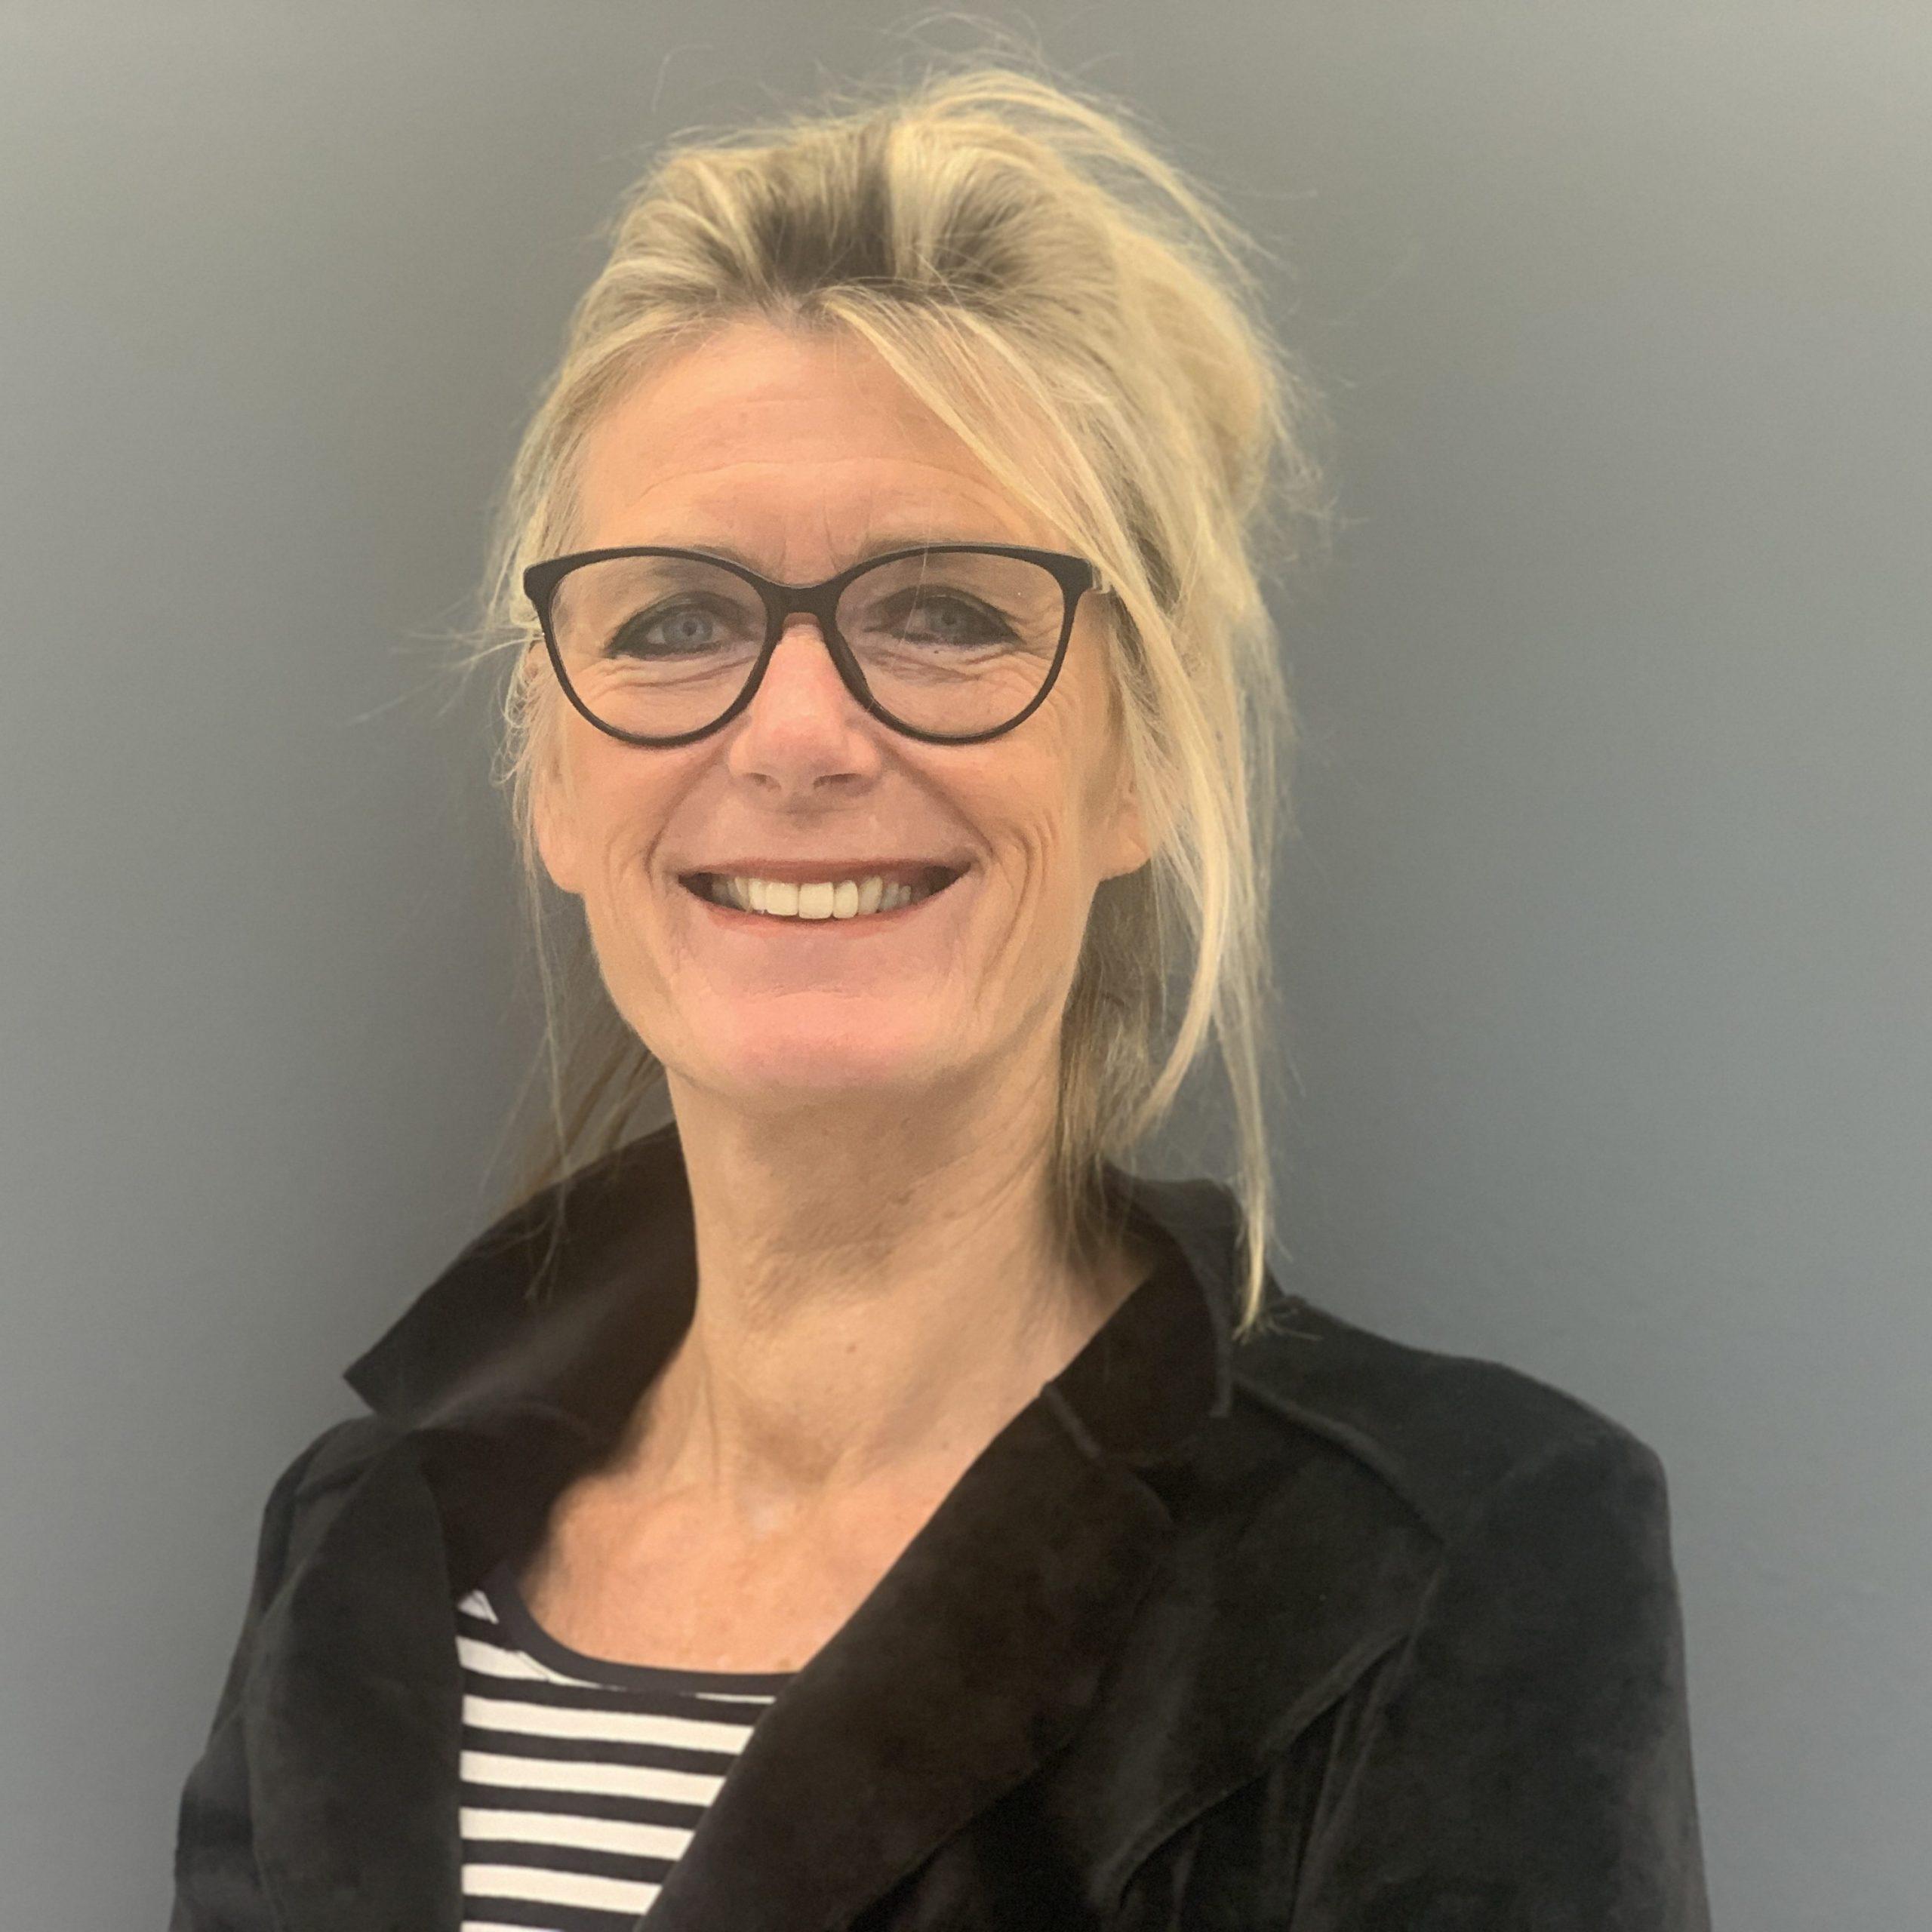 Ingrid Veldscholten team OTP